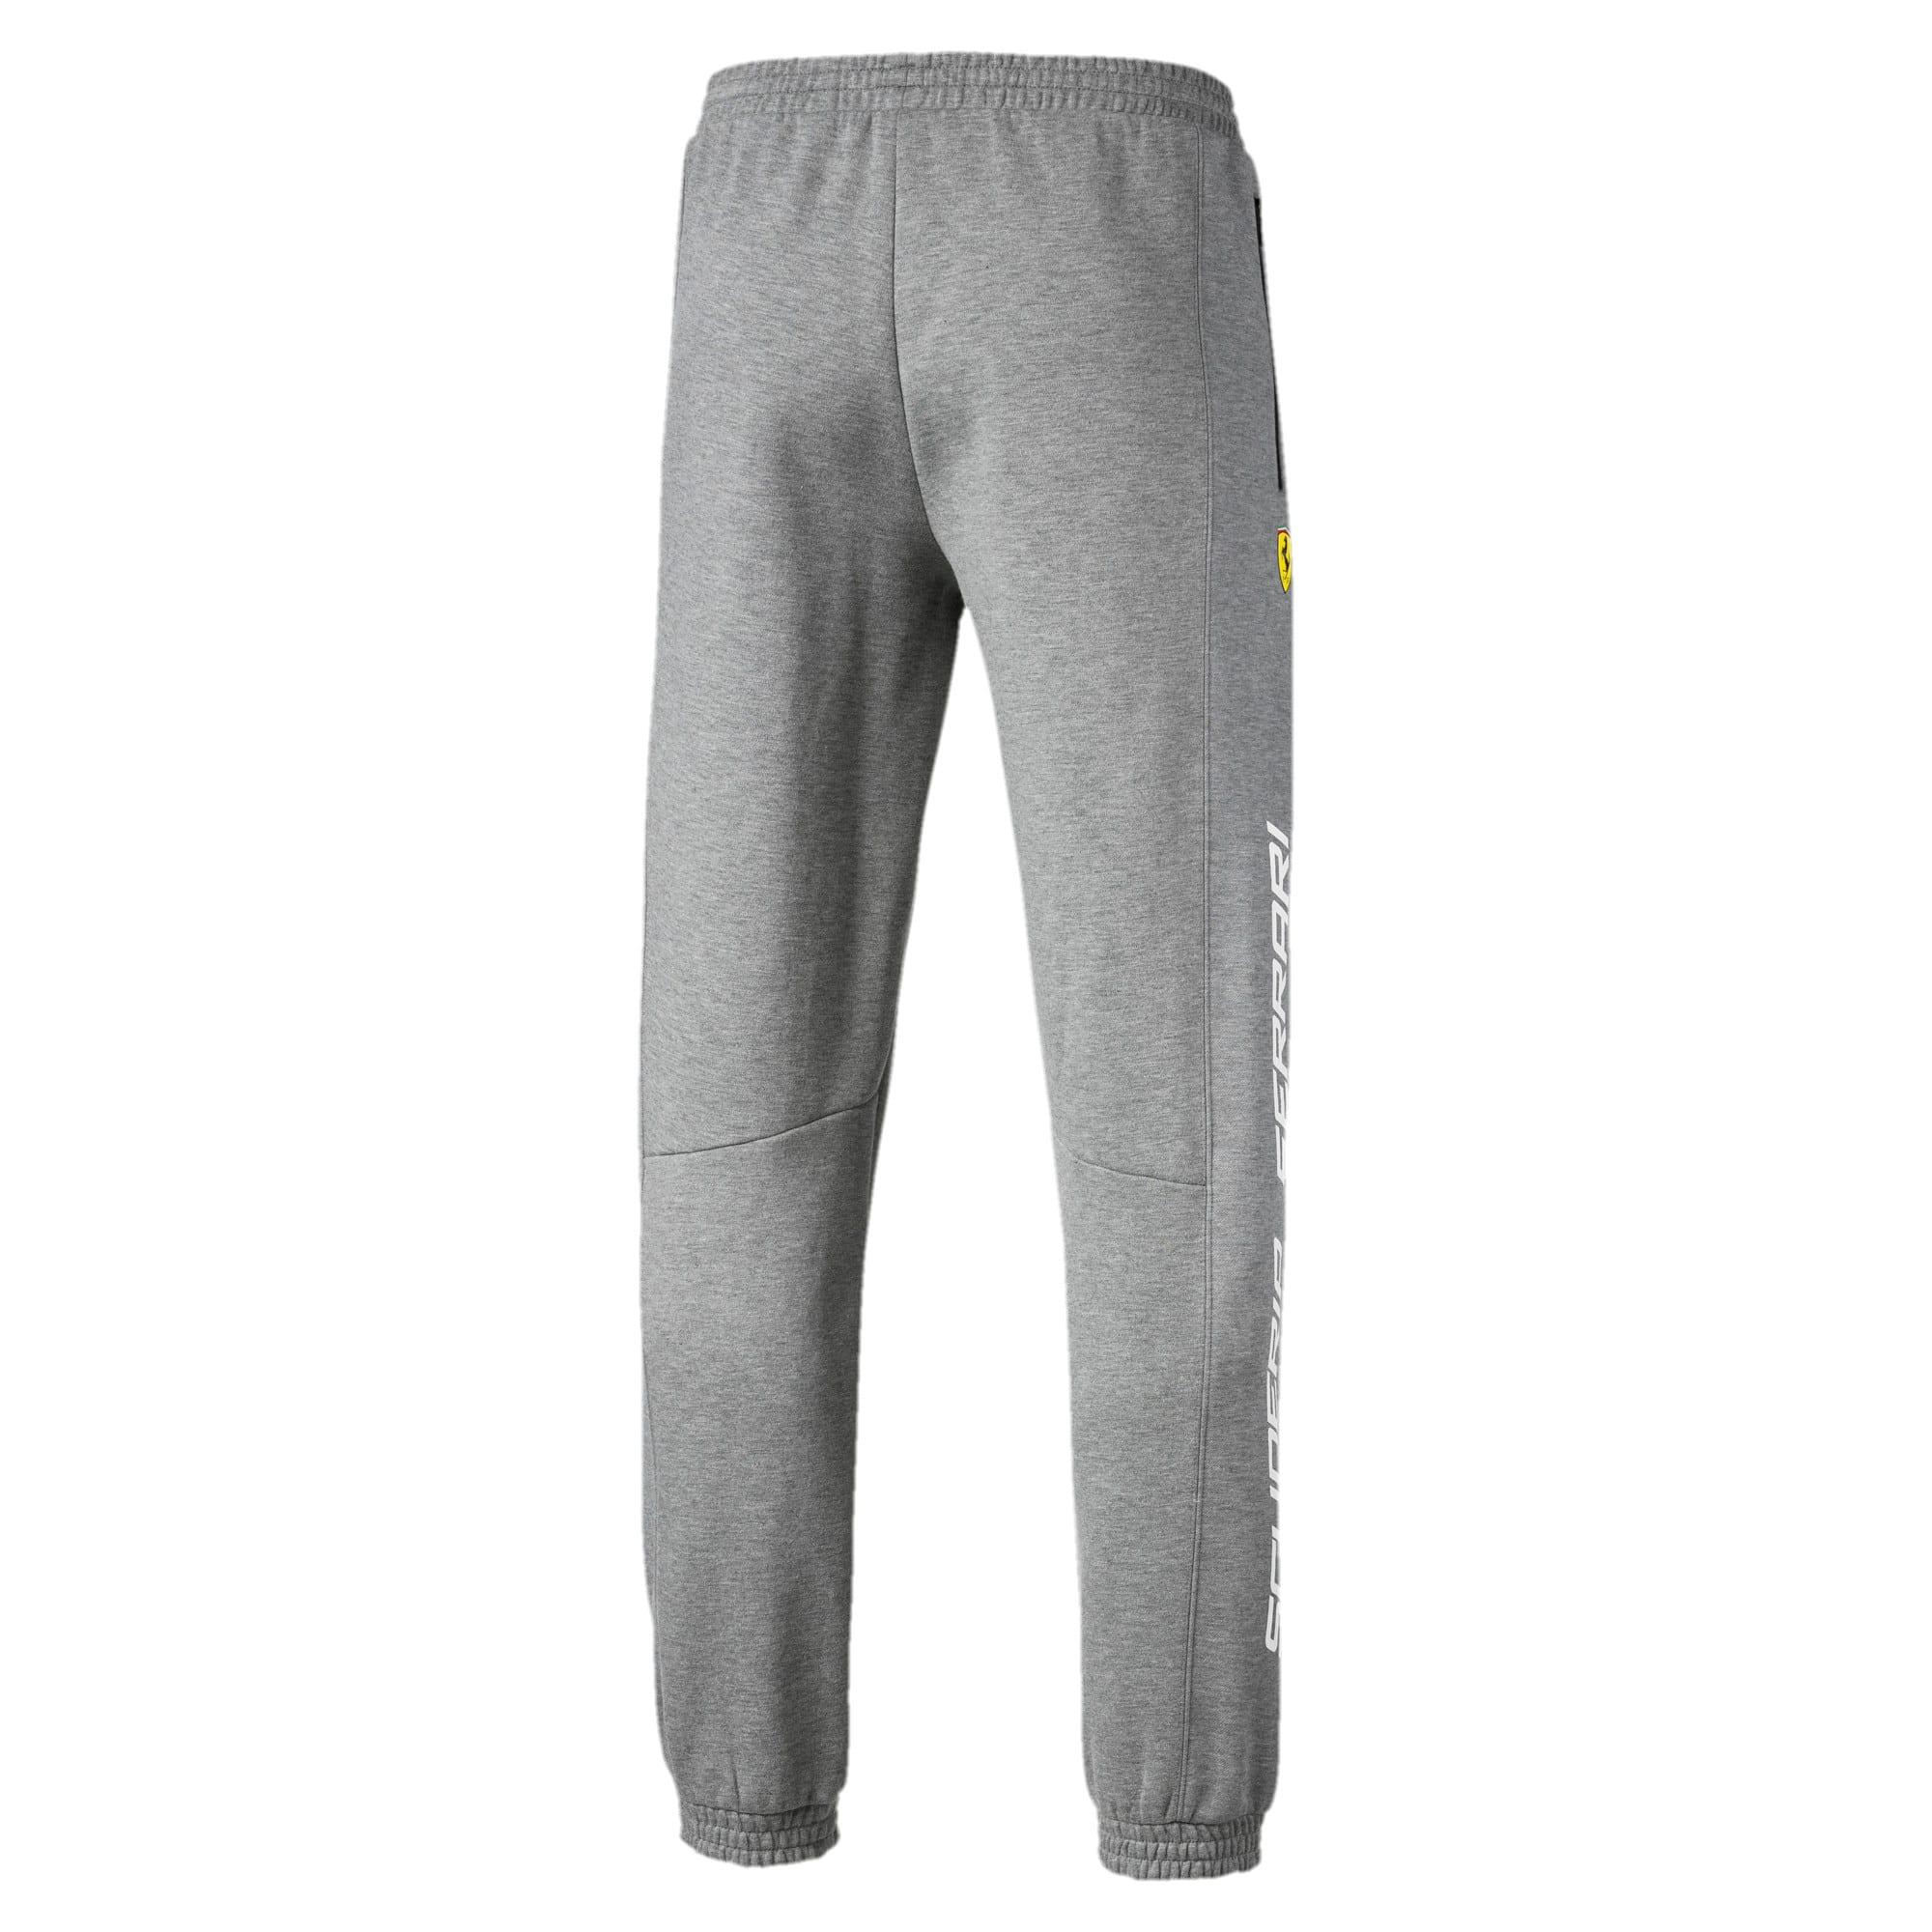 Thumbnail 5 of Ferrari Men's Sweatpants, Medium Gray Heather, medium